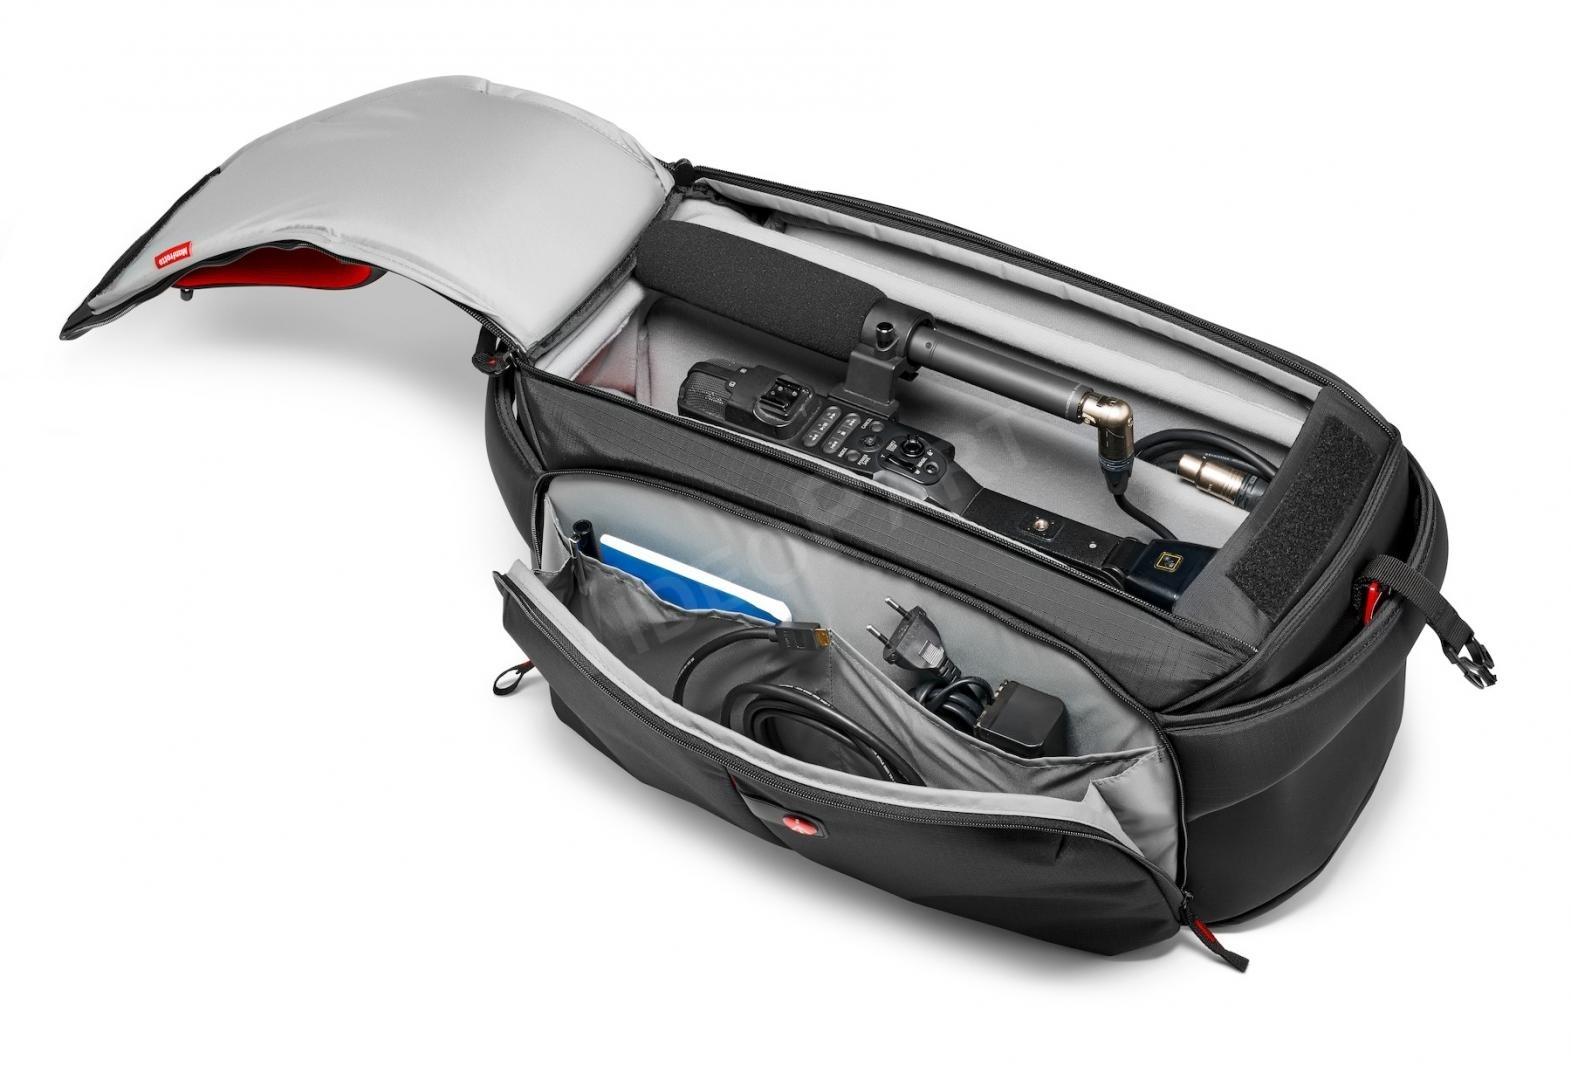 05a3acecbcc0 ... kézikocsizható Pro Light kamera válltáska - vízlepergető, fémkeretes,  ...